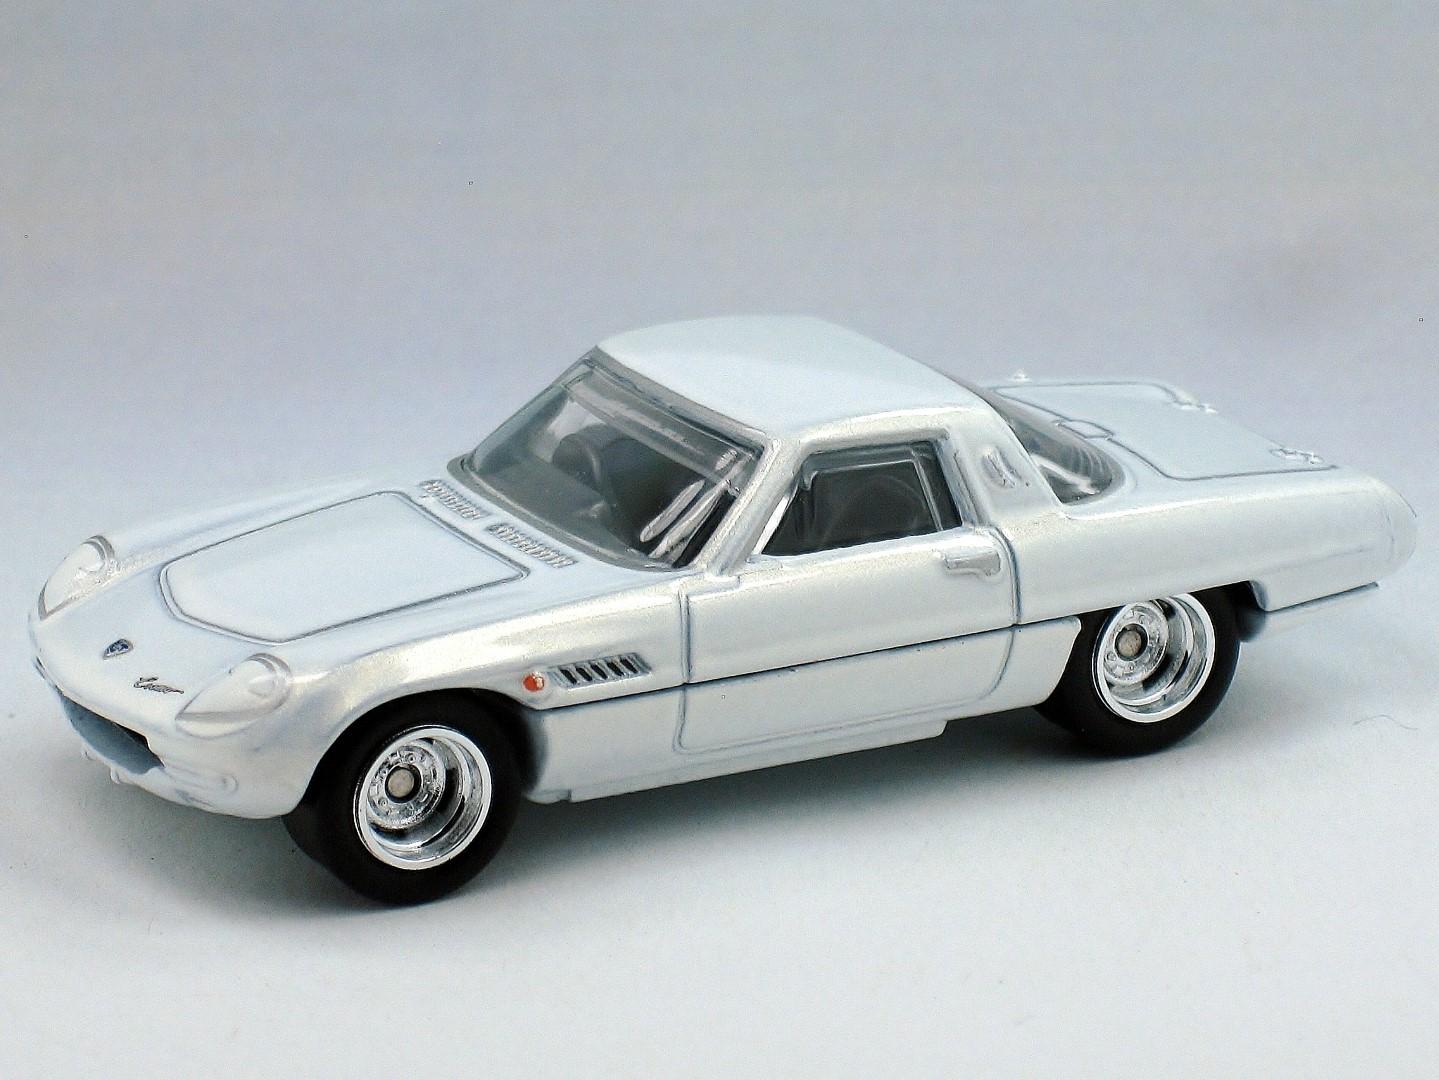 '68 Mazda Cosmo Sport